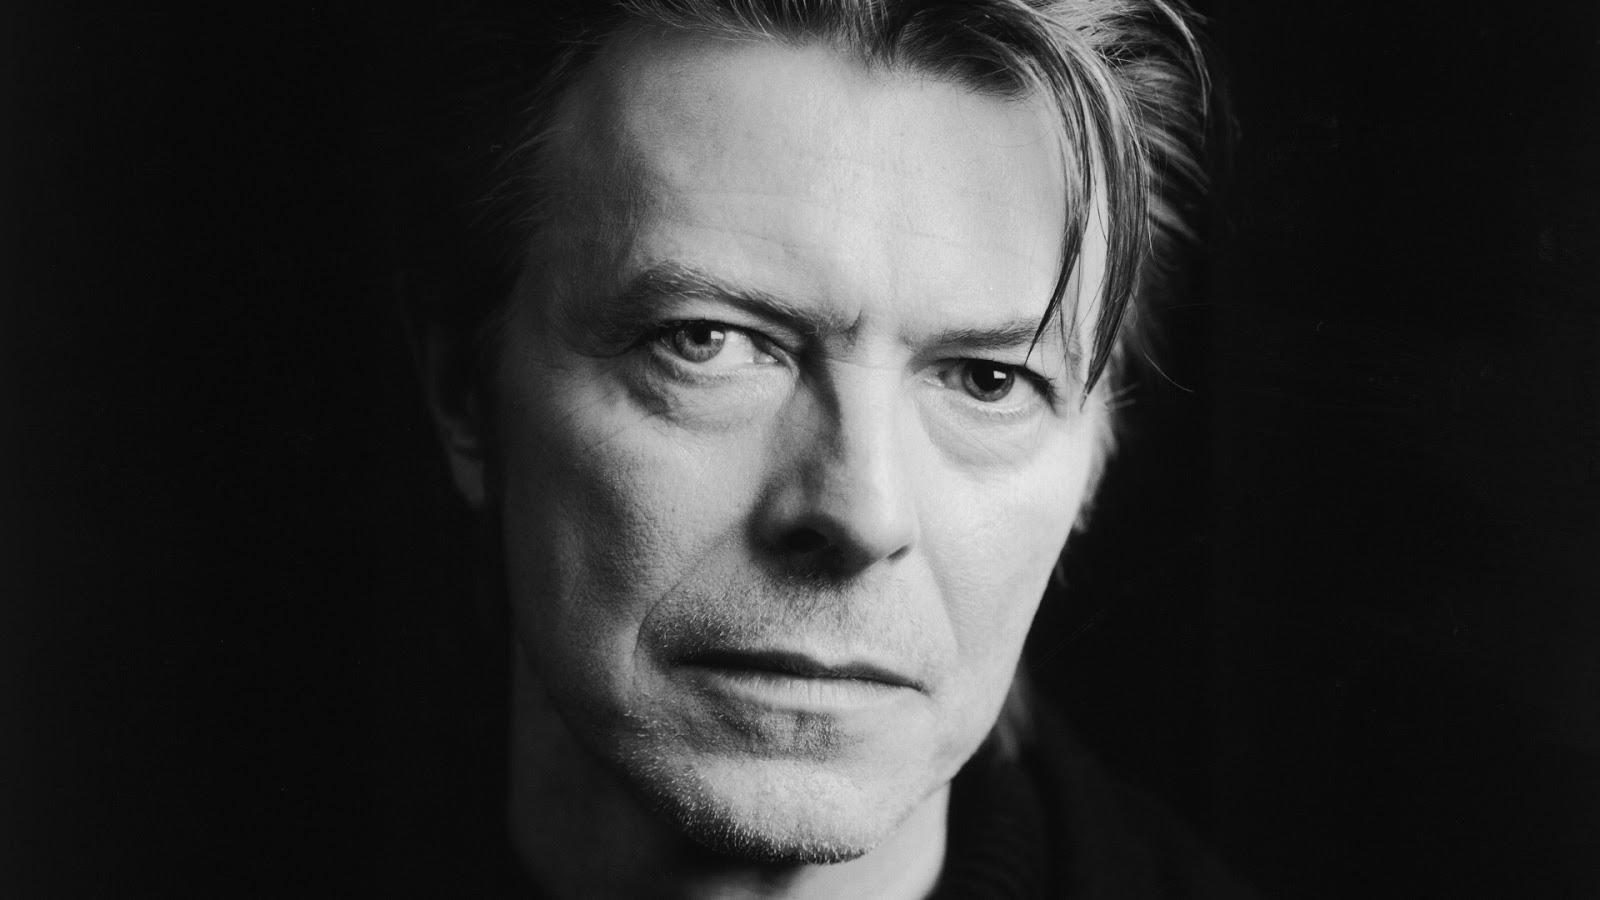 Morreu David Bowie